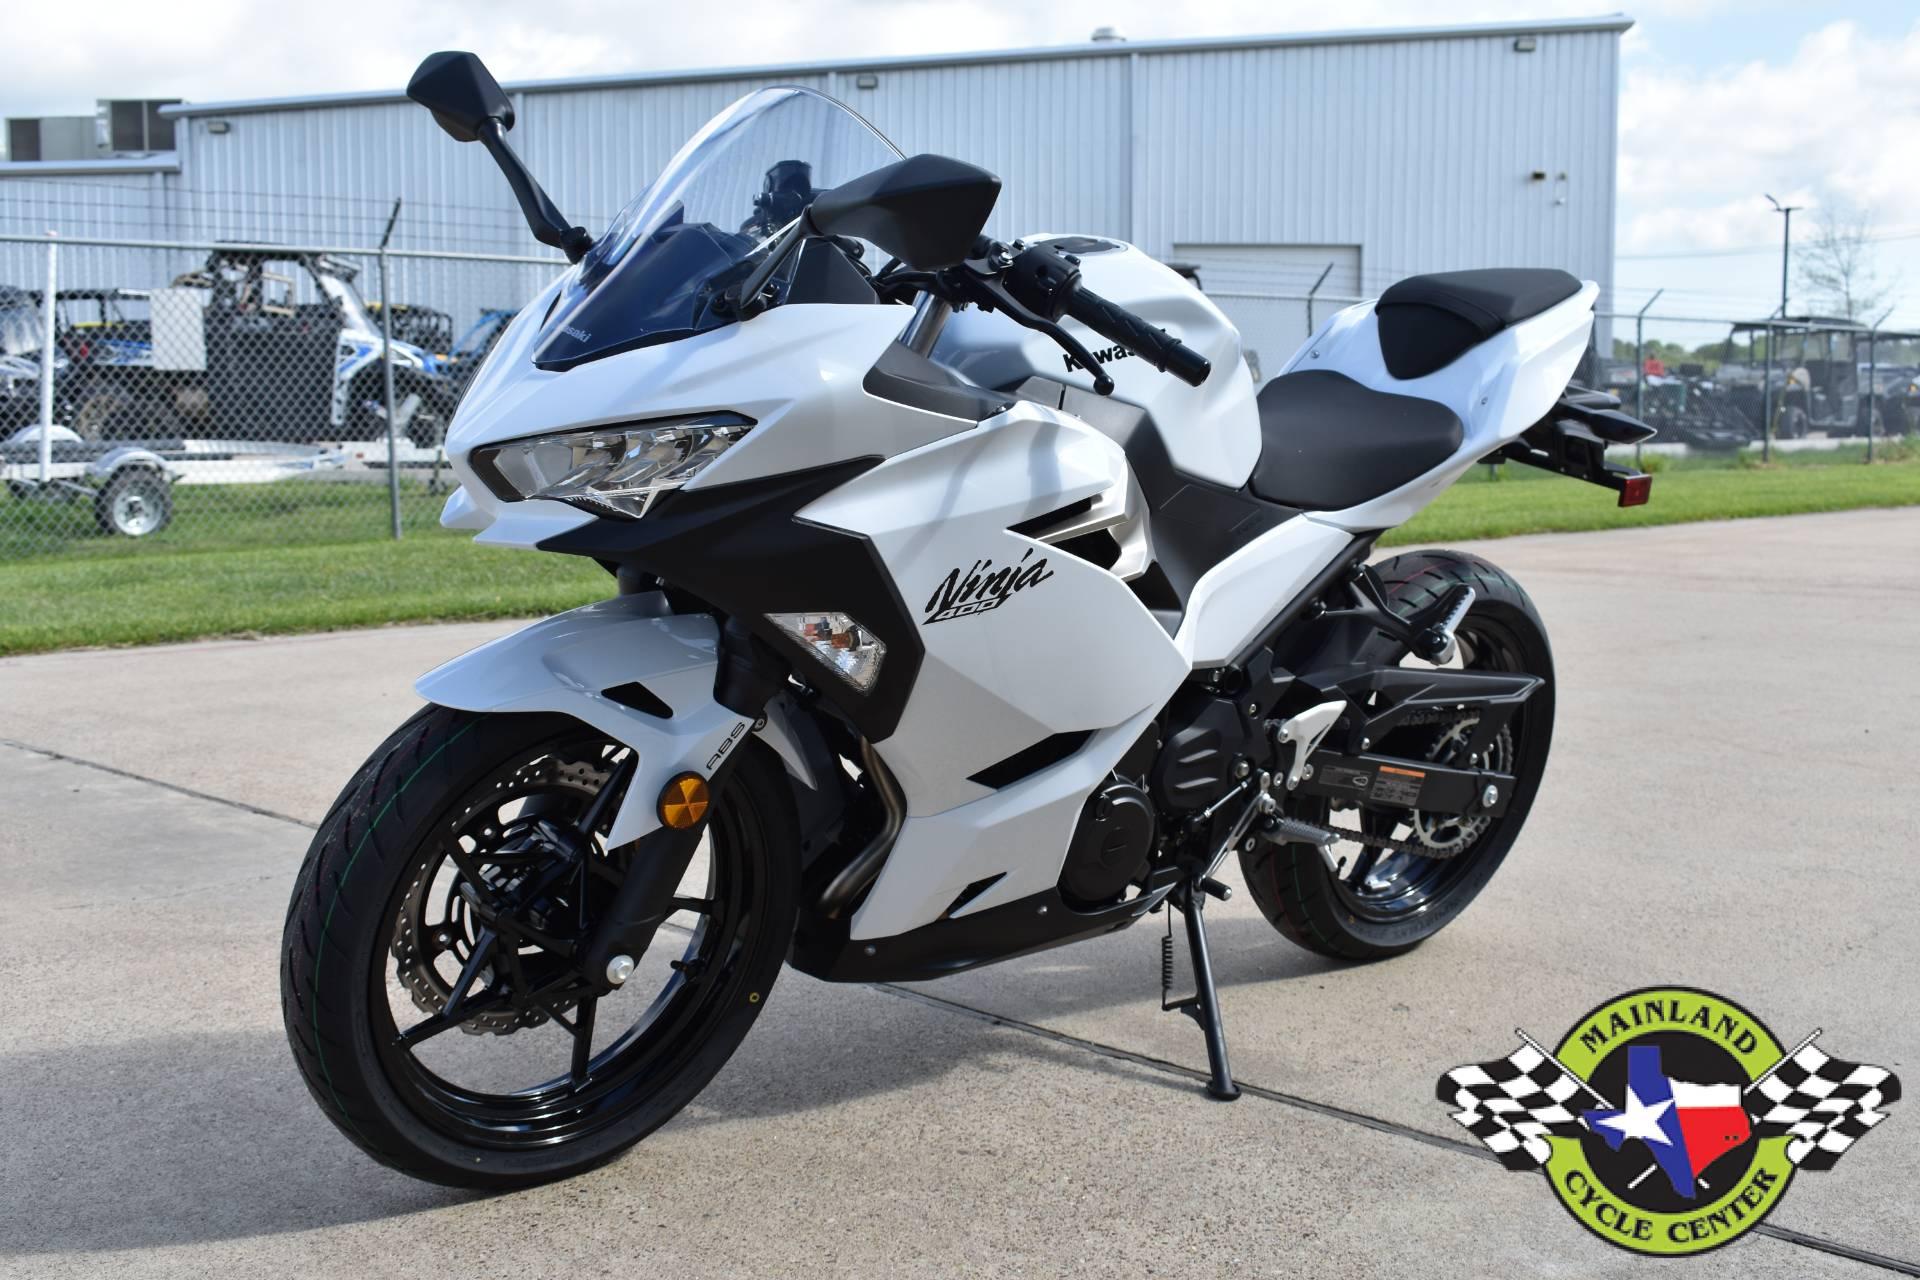 2020 Kawasaki Ninja 400 ABS 6